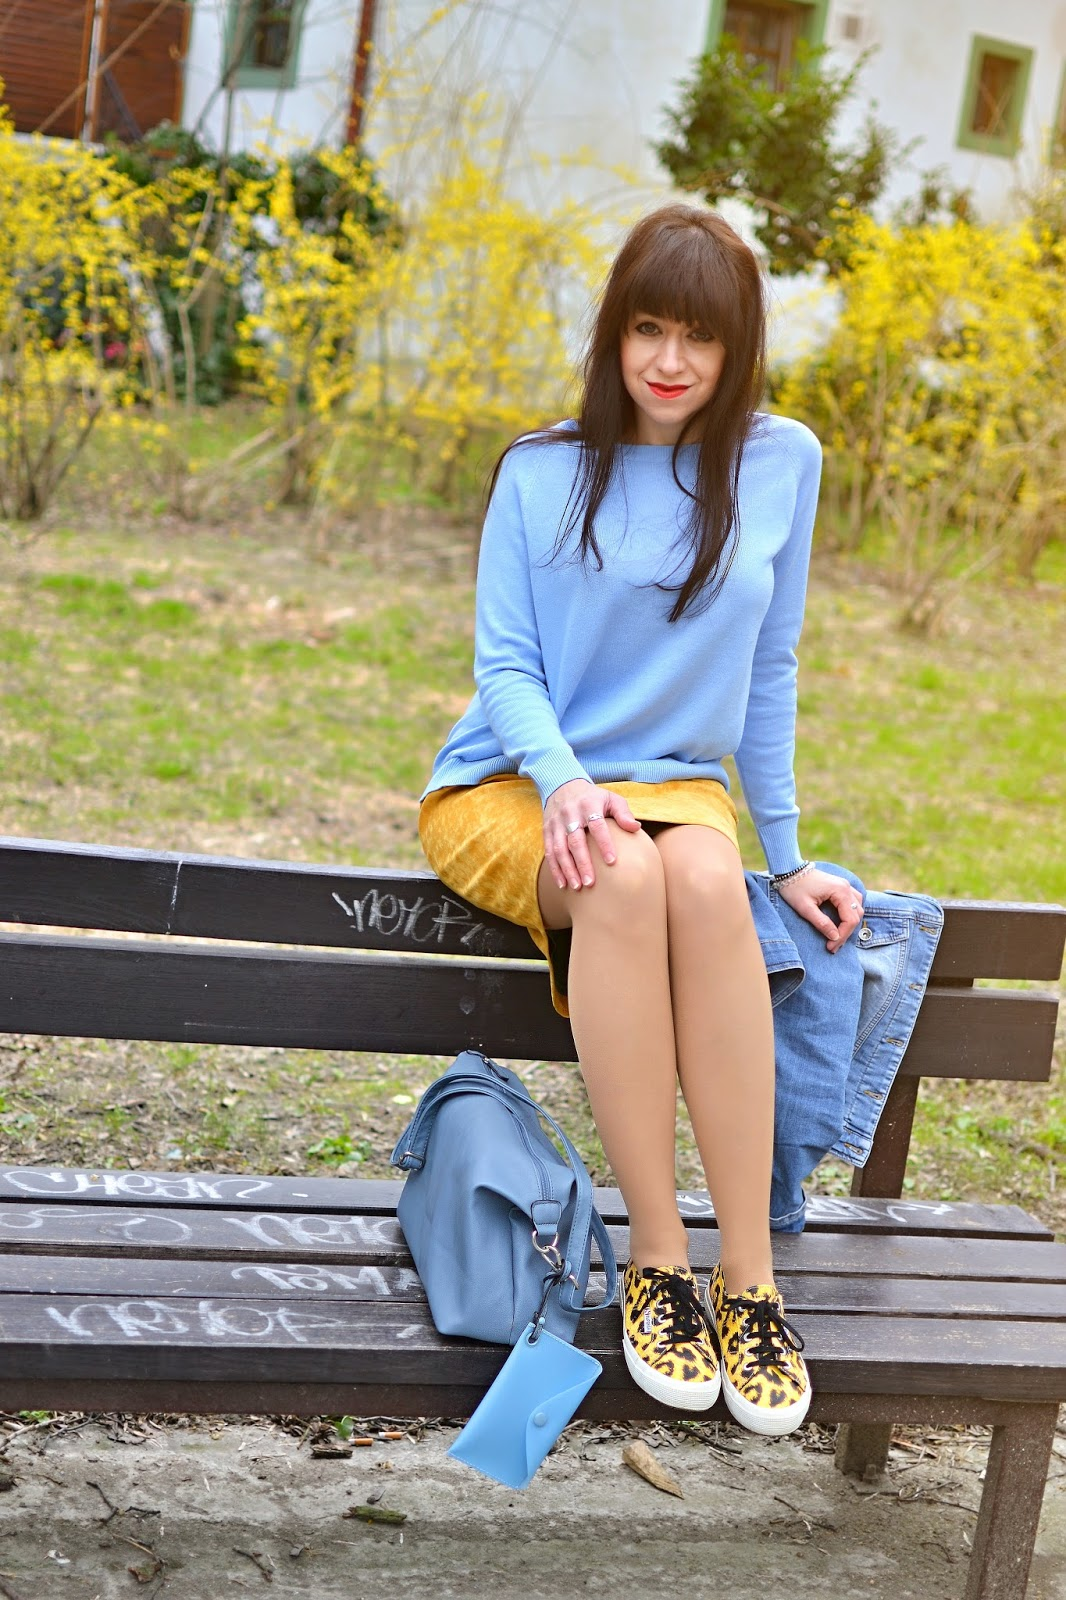 PREČO SI AKO BLOGERKA NEPOHNEVAŤ PRIATEĽA_Katharine-fashion is beautiful_Baby blue sveter_Denim bunda_Žltá sukňa_Katarína Jakubčová_Fashion blogger